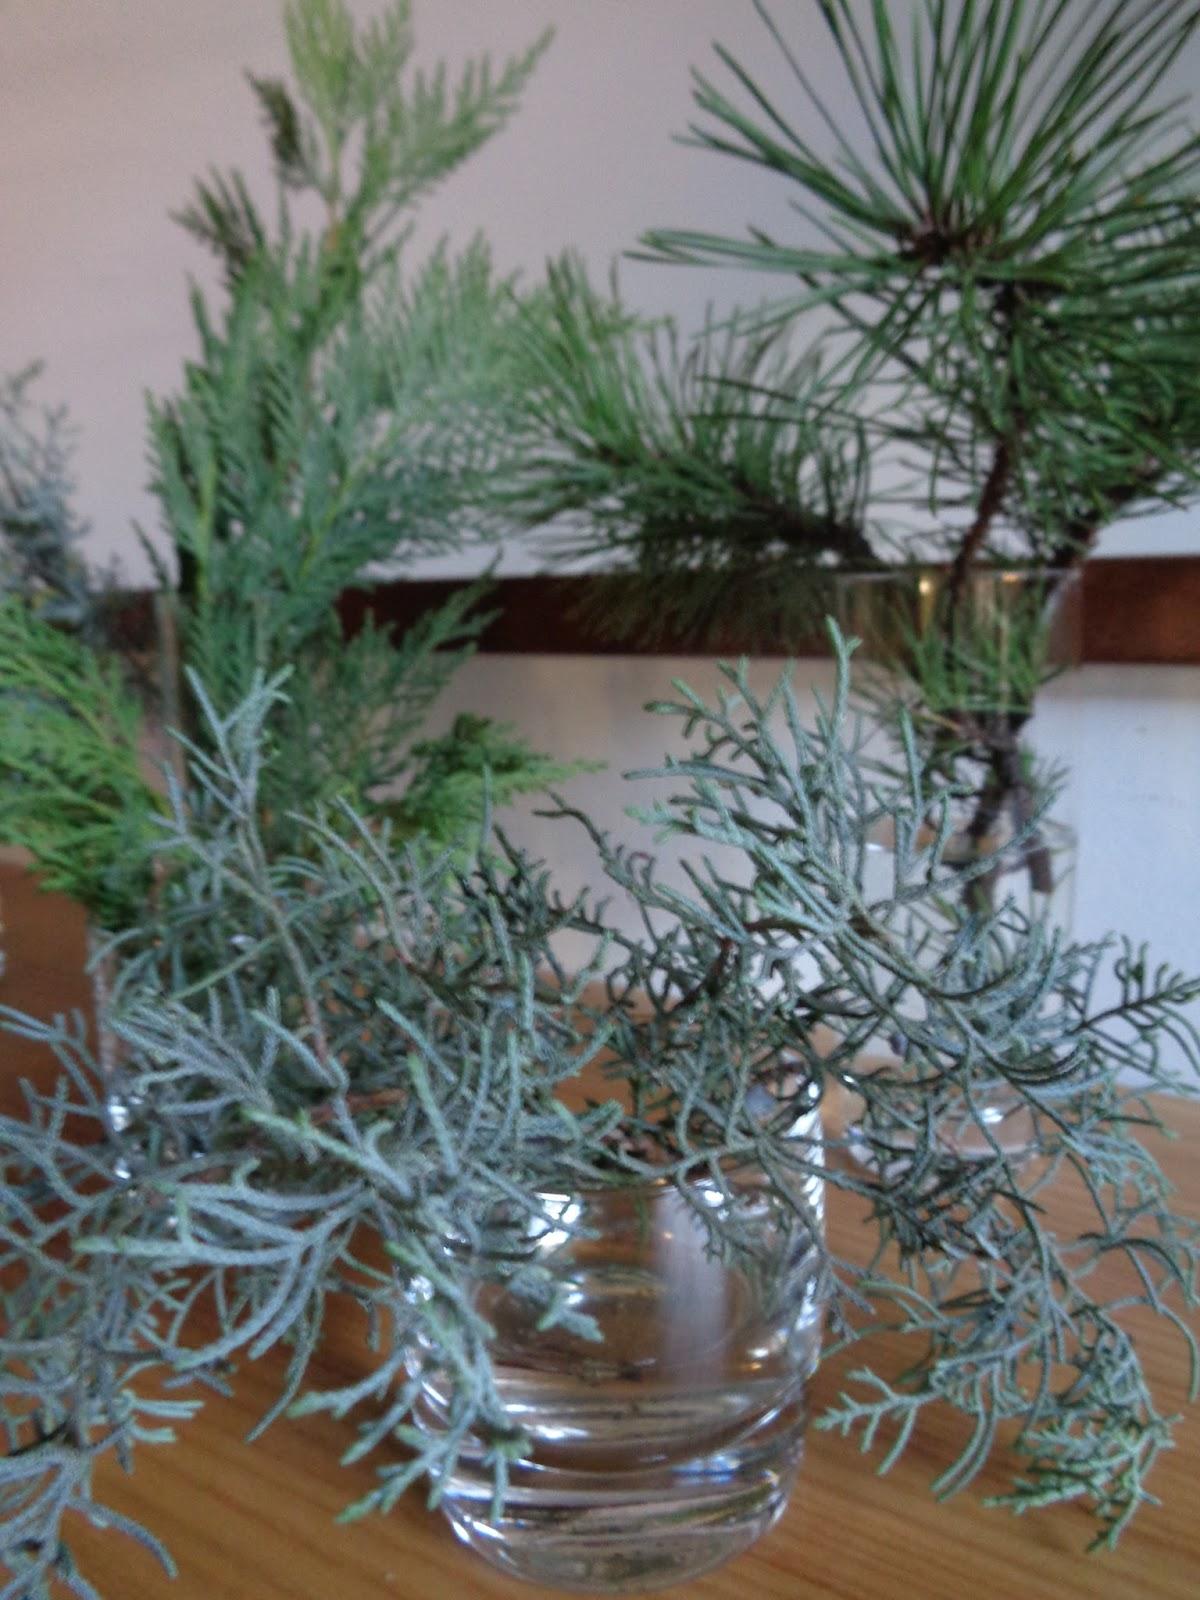 Foto Diario Di Una Giardiniera Curiosa Decorazione Invernale